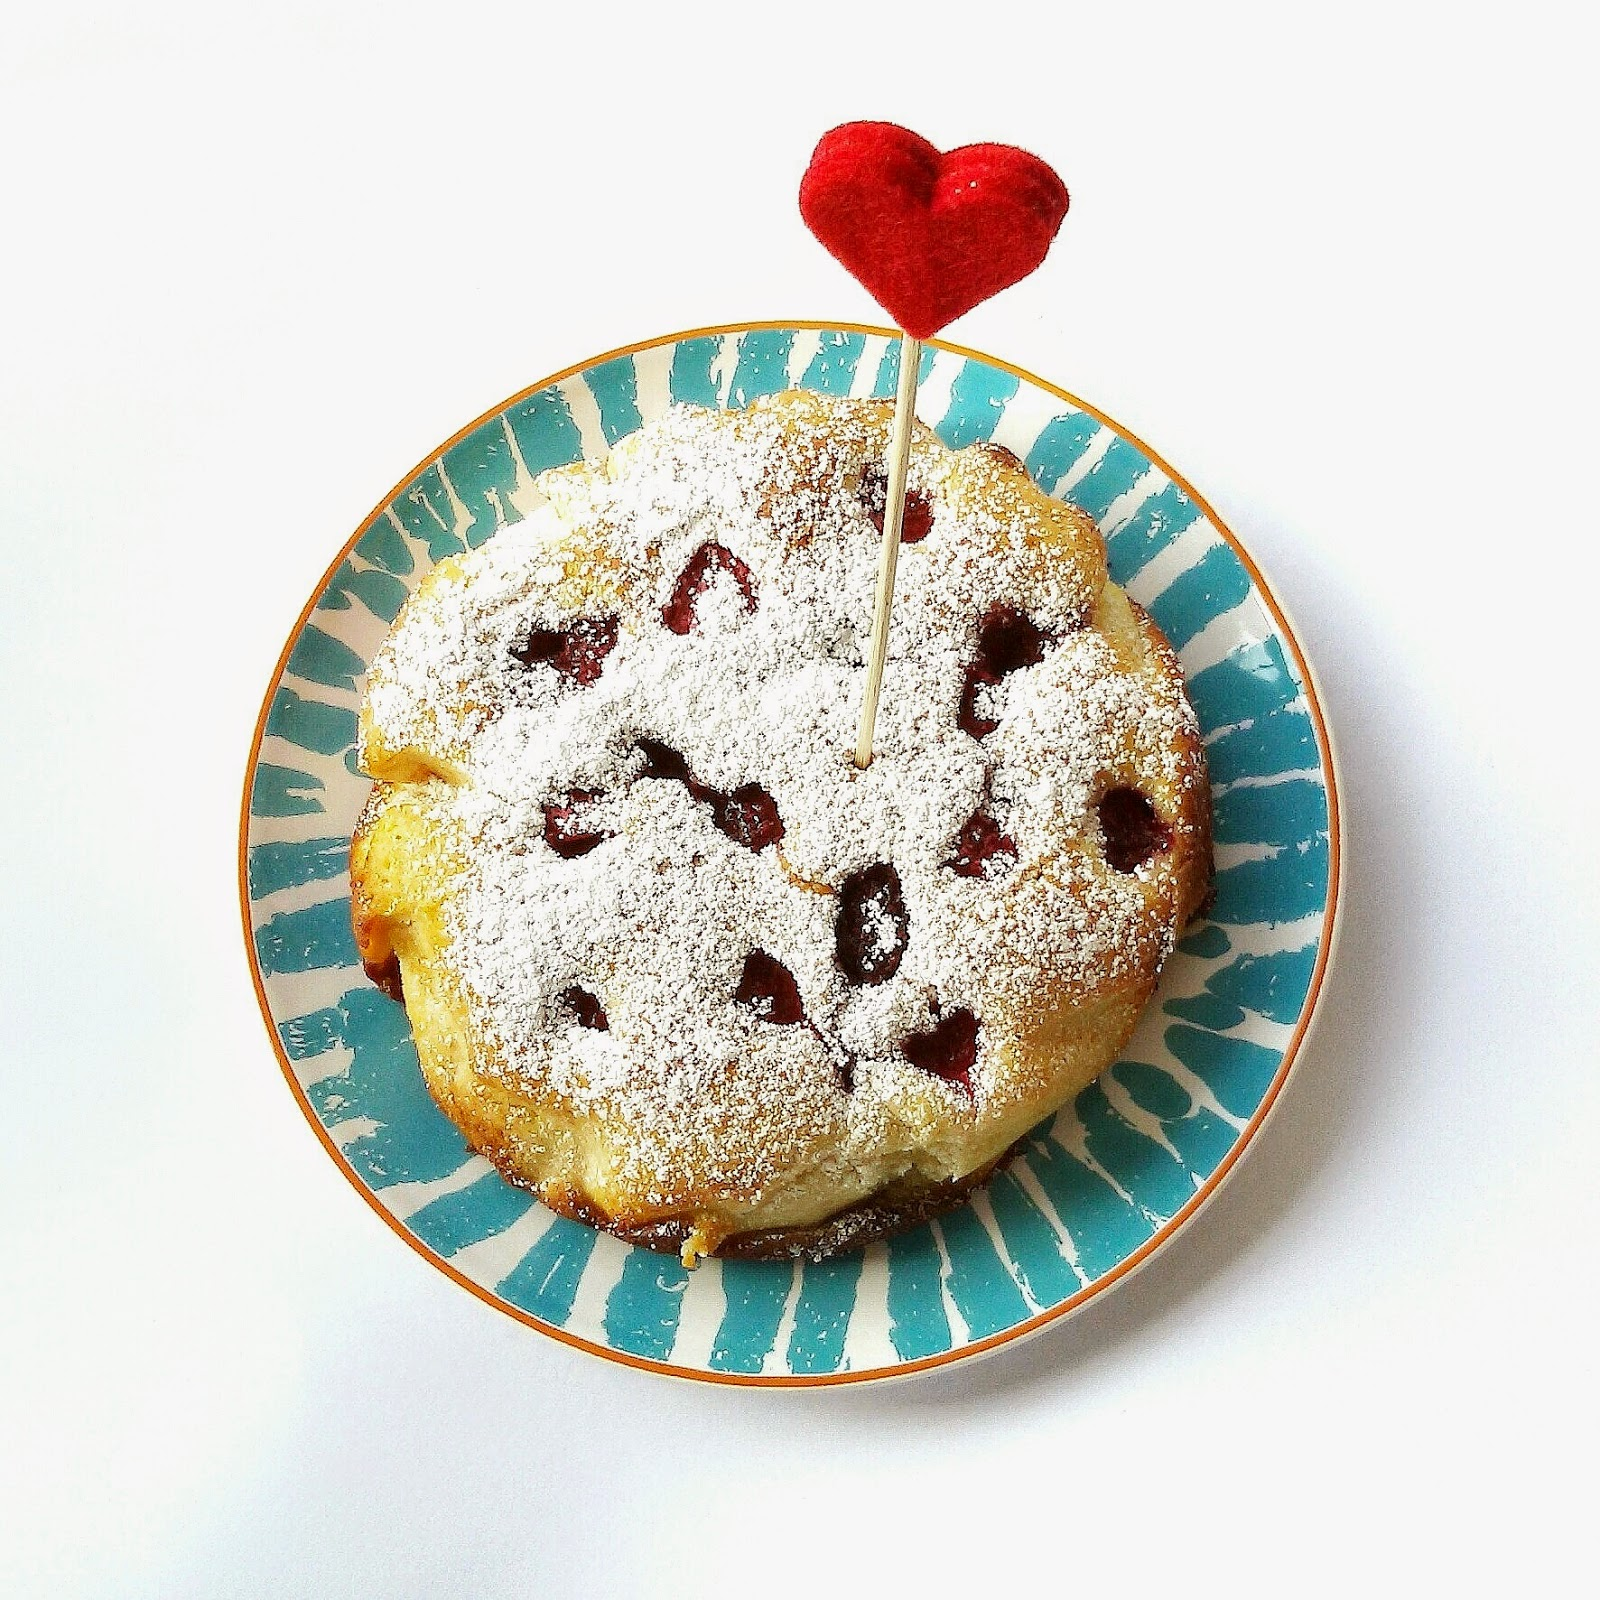 Kleiner, Saftiger Kuchen Mit Mango & Himbeeren